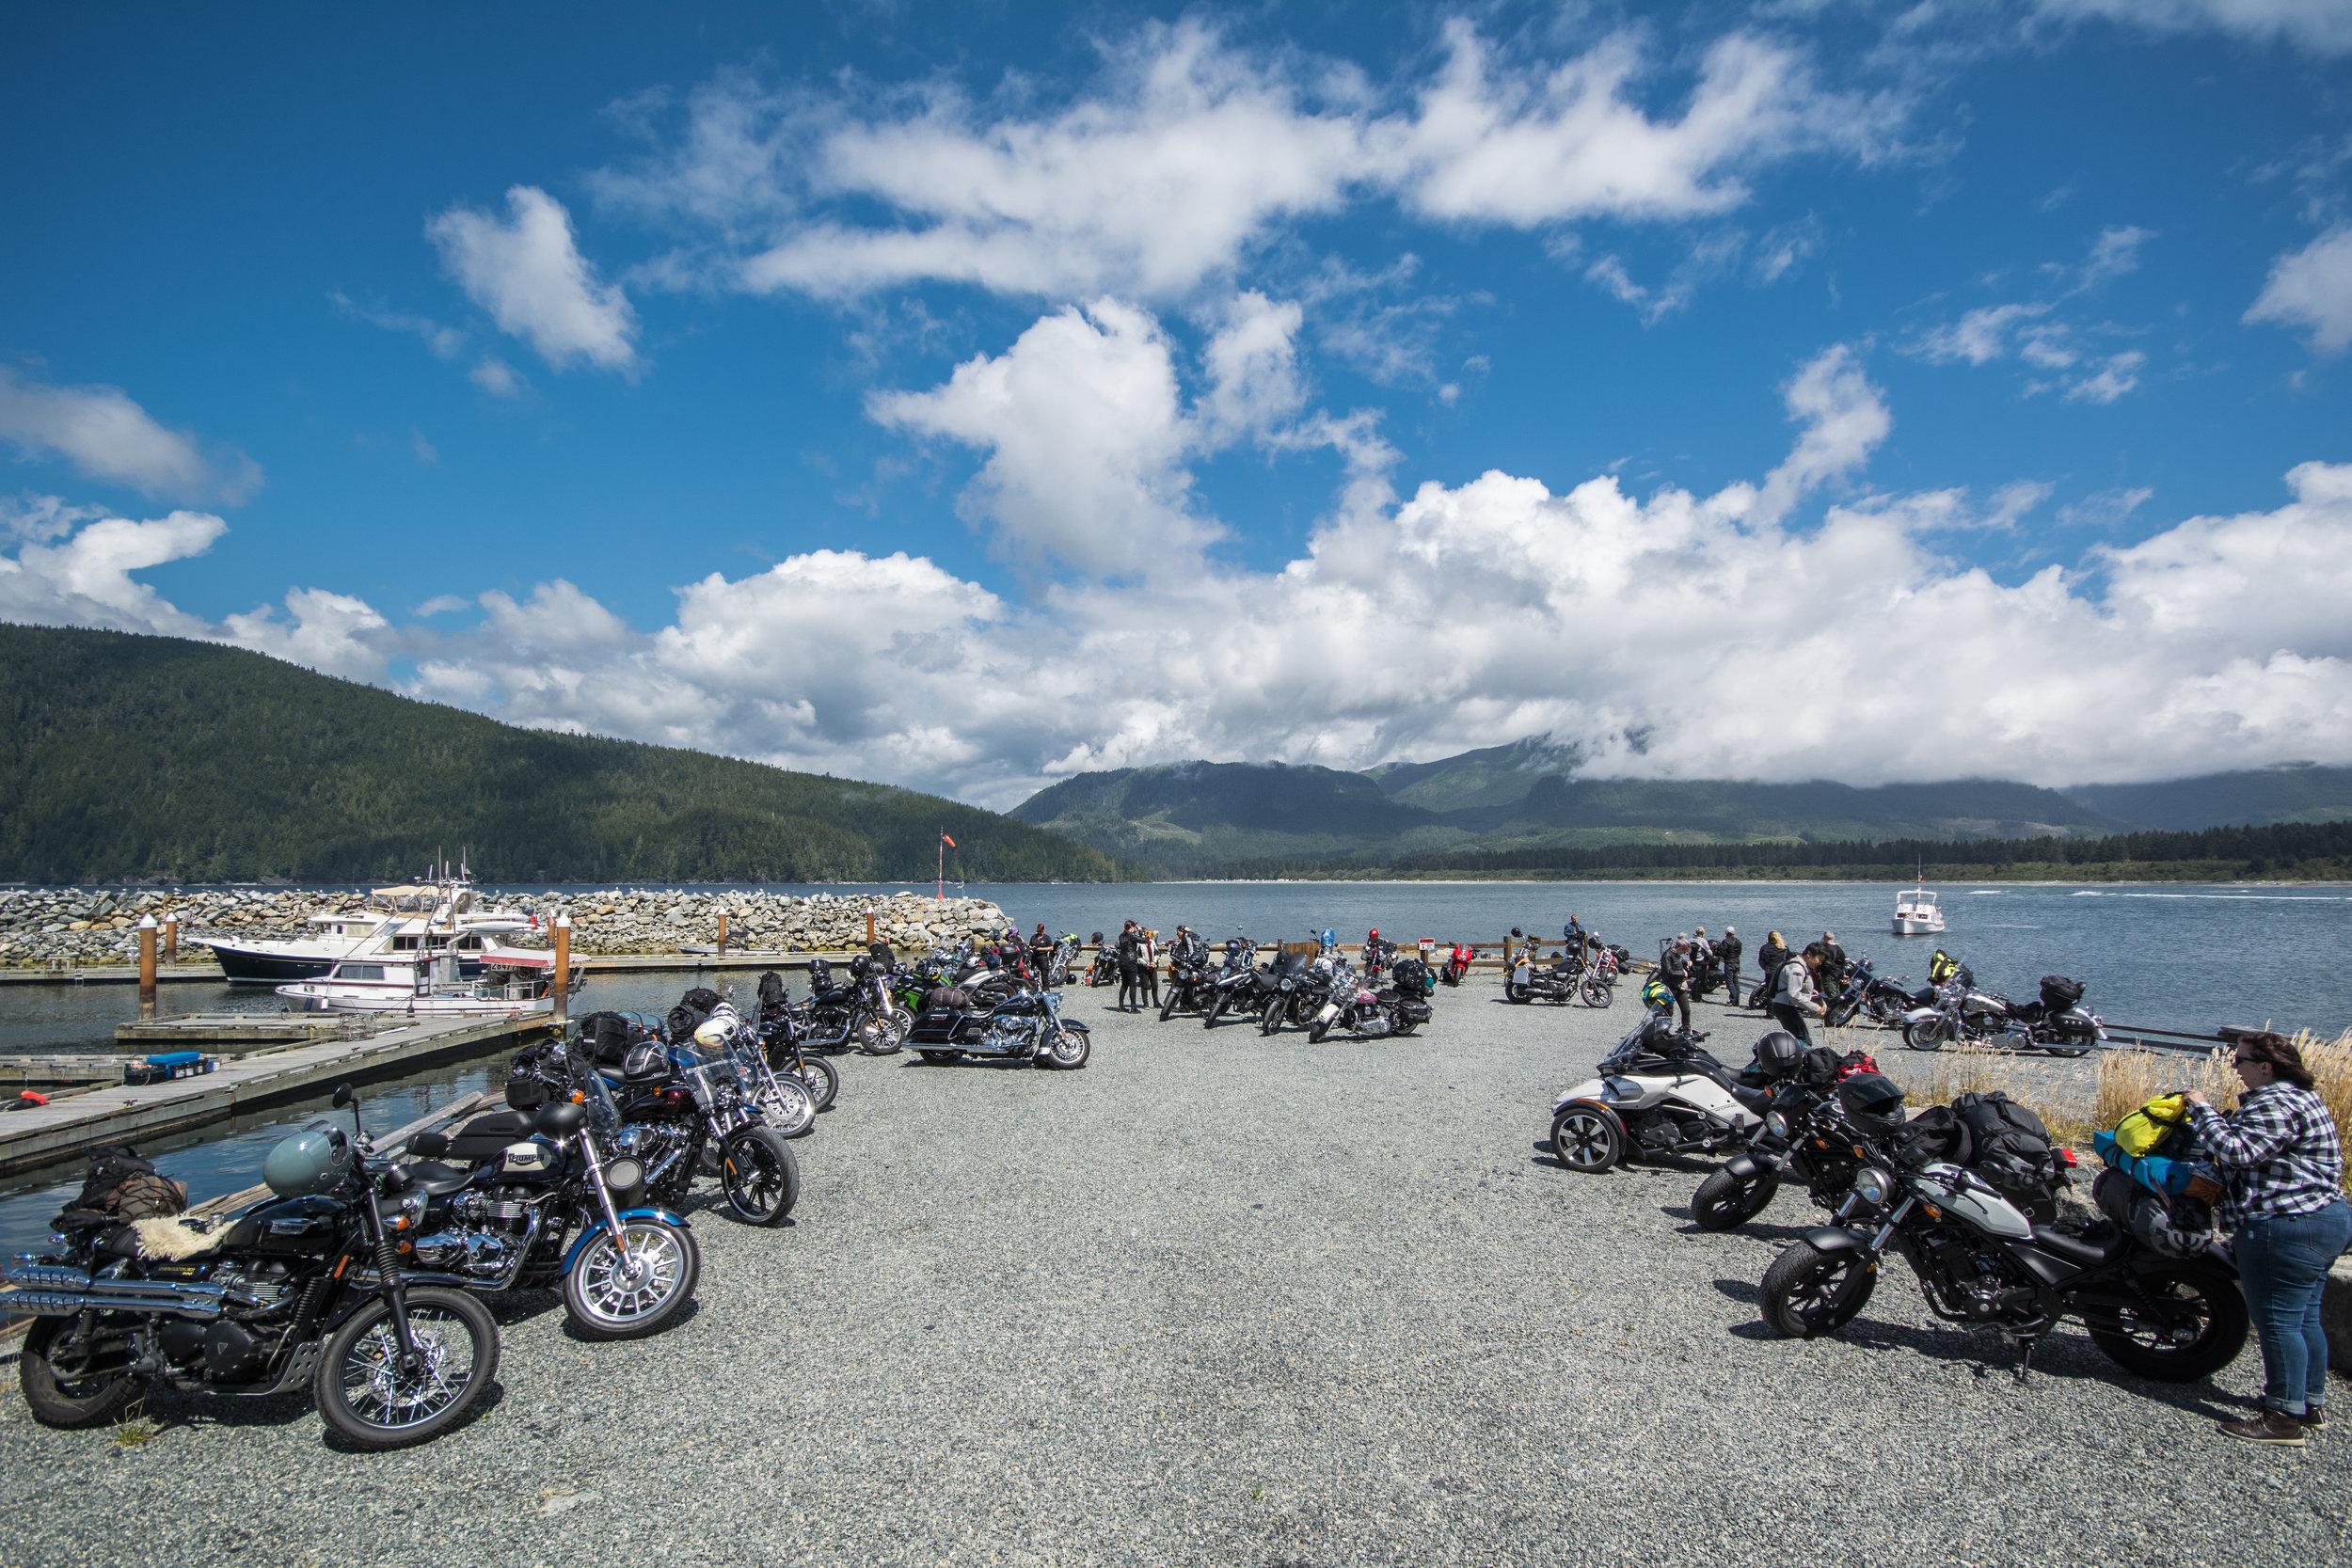 2019-07-27 Pilgrimage Ride wide 23.jpg